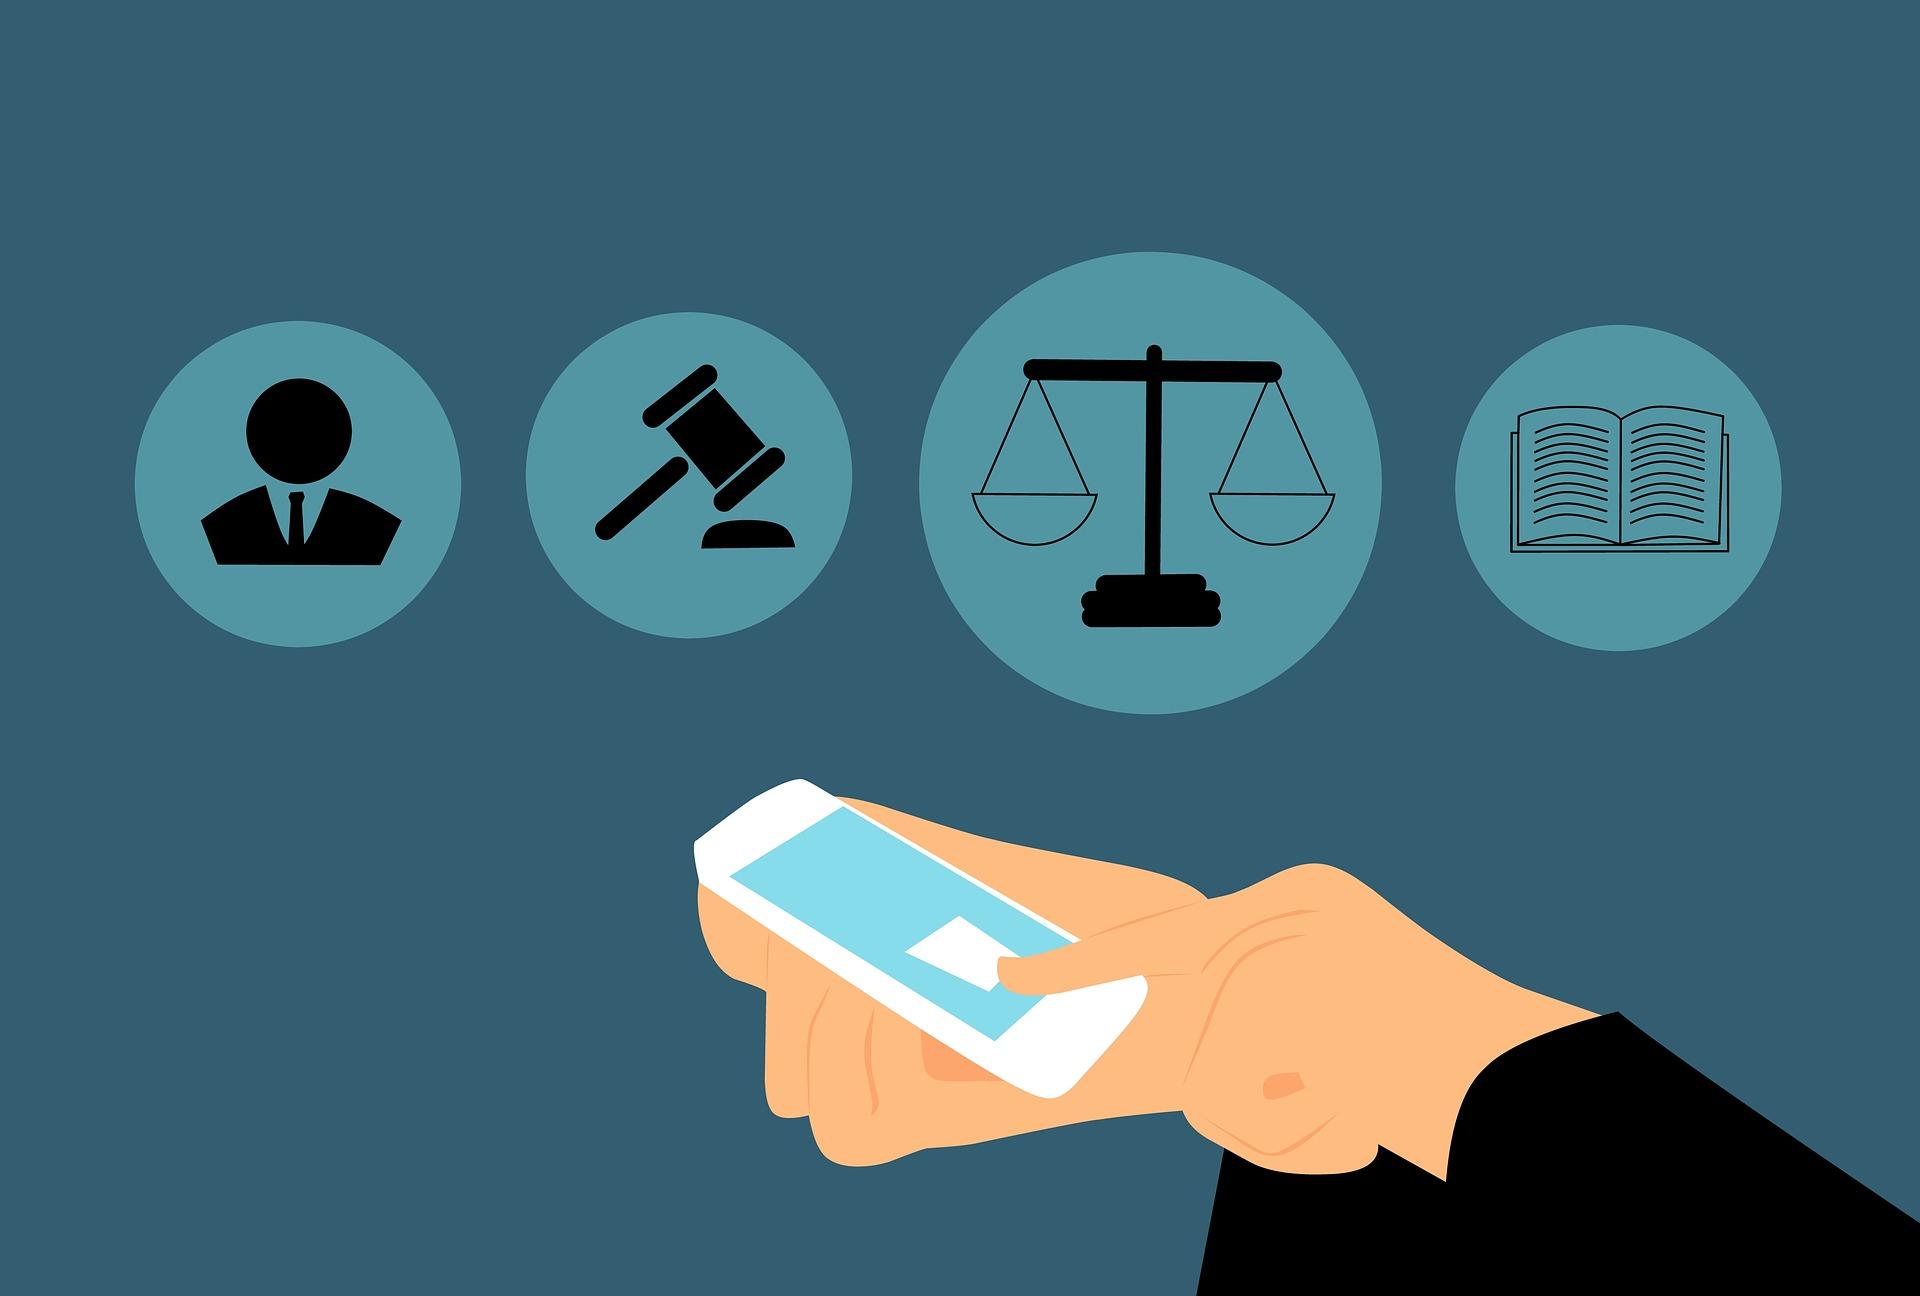 'Screening van advocaten kan inbreuk maken op de vrije advocaatkeuze' - Mr. online